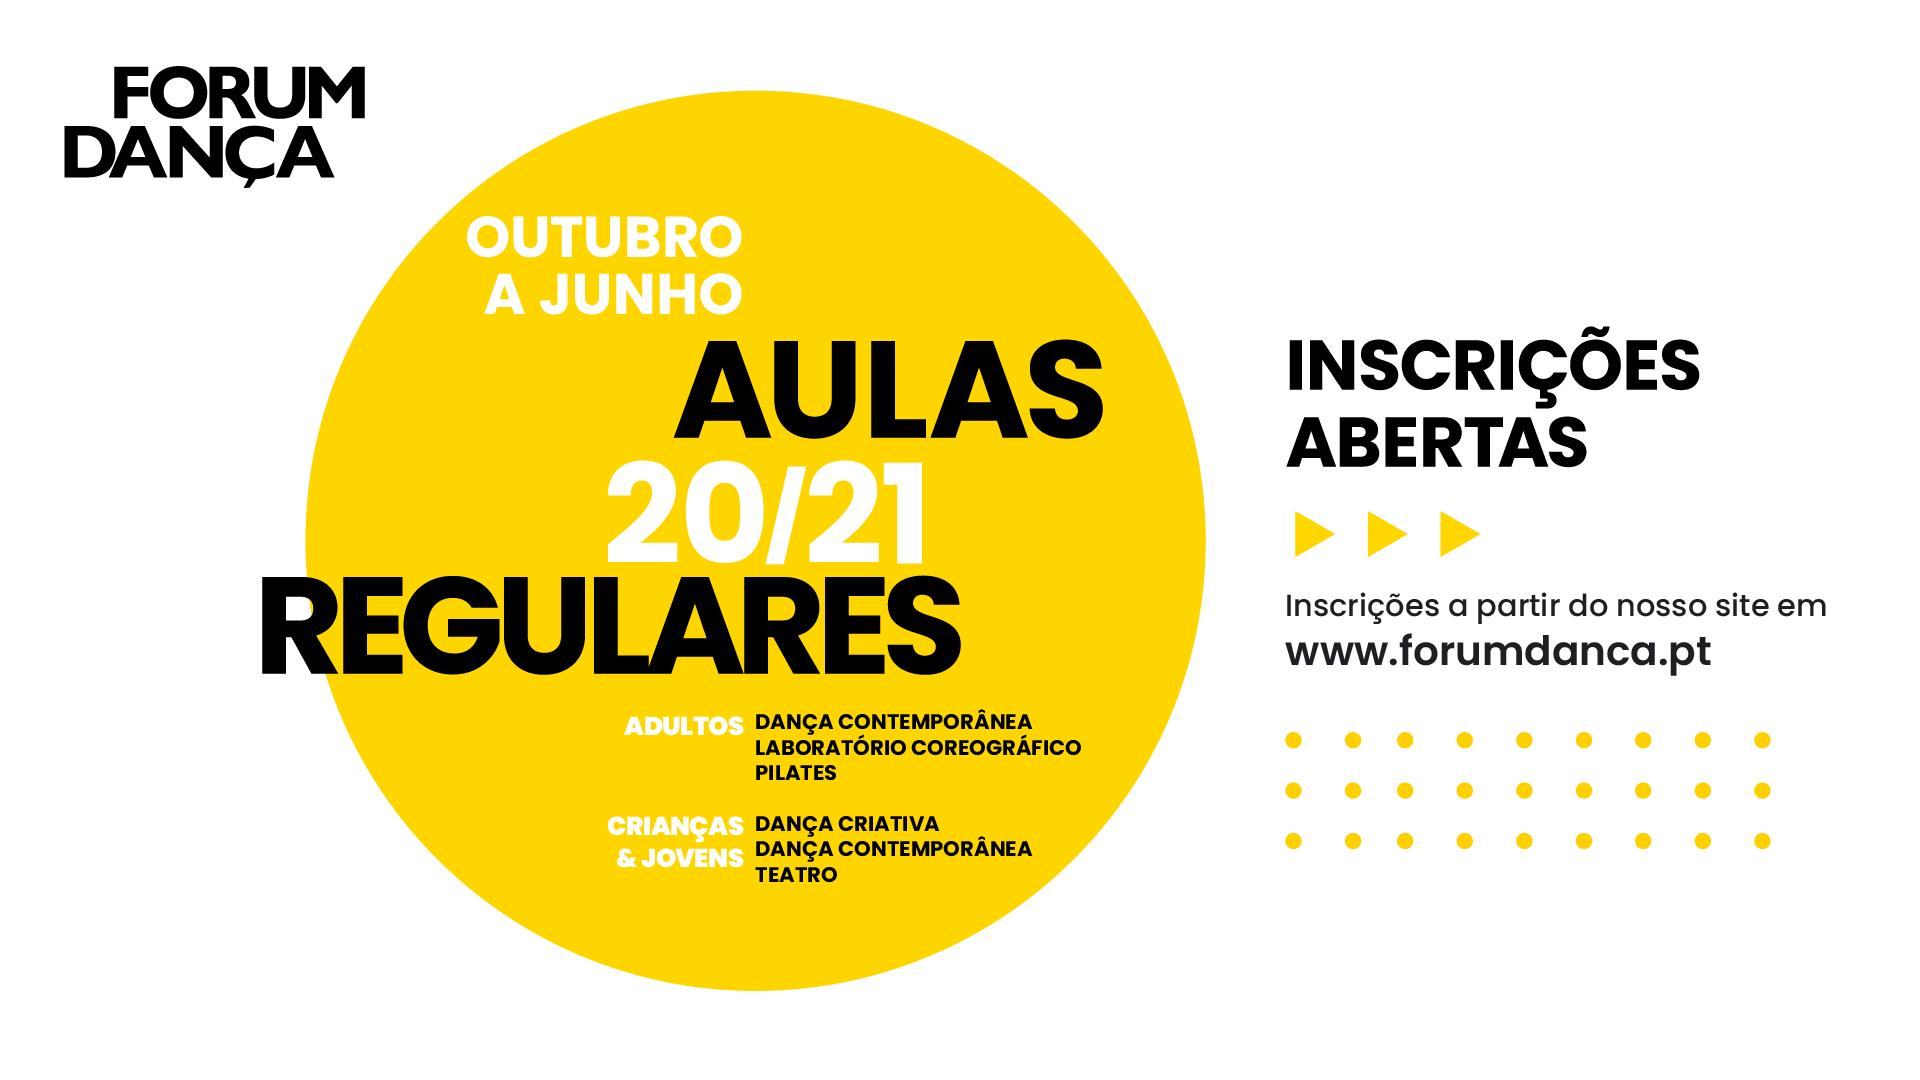 Forum Dança - Aulas Regulares 2020/21